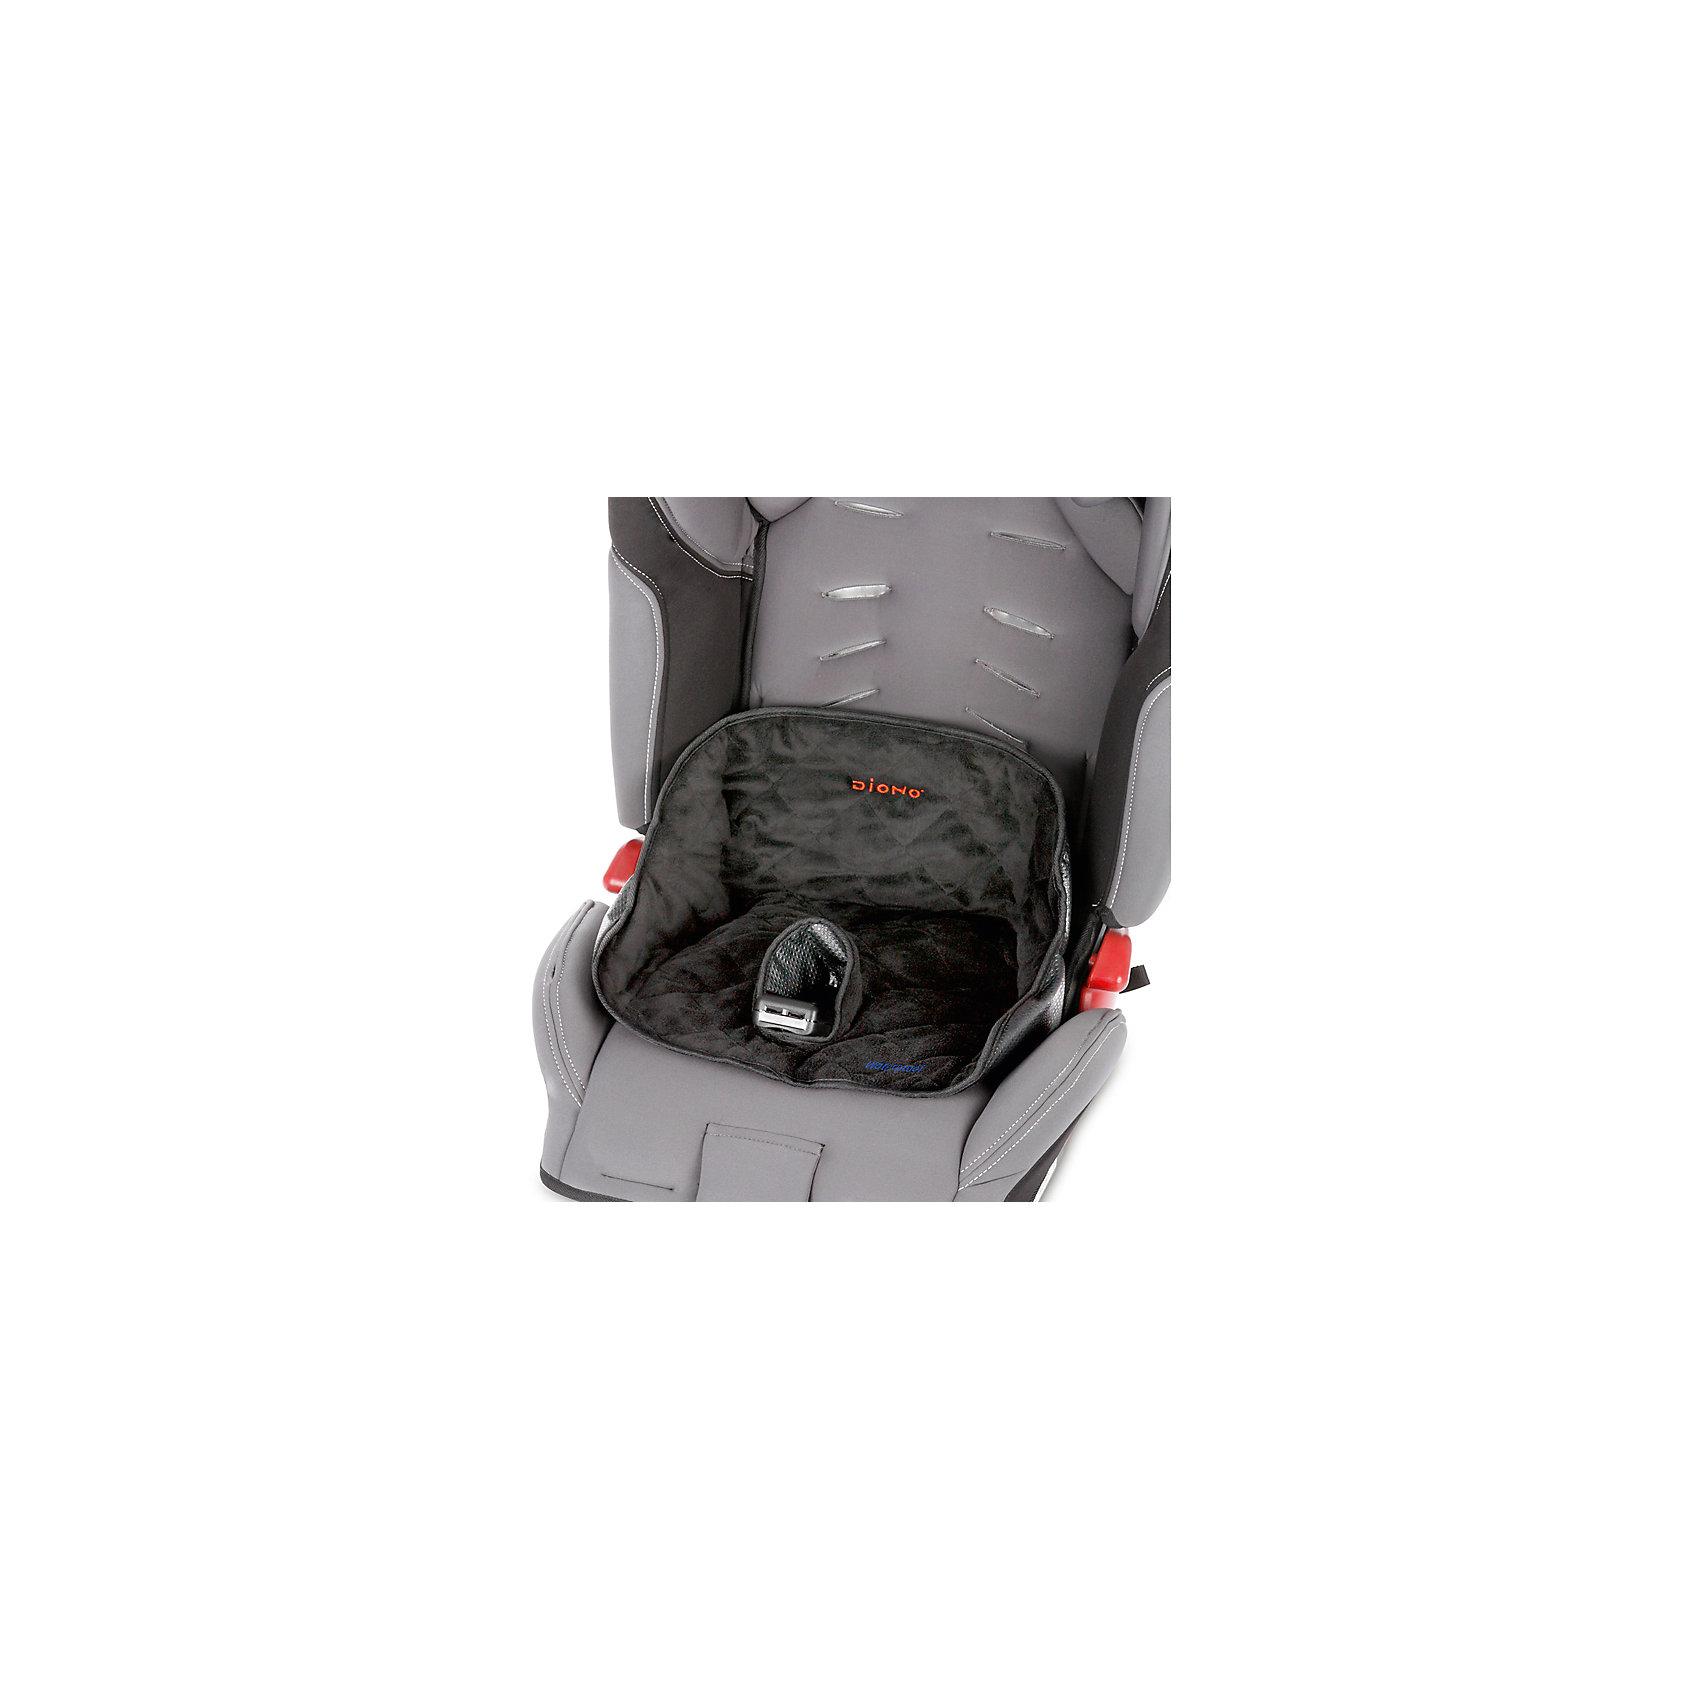 Водонепроницаемая накладка на сиденье Ultra Dry, Diono